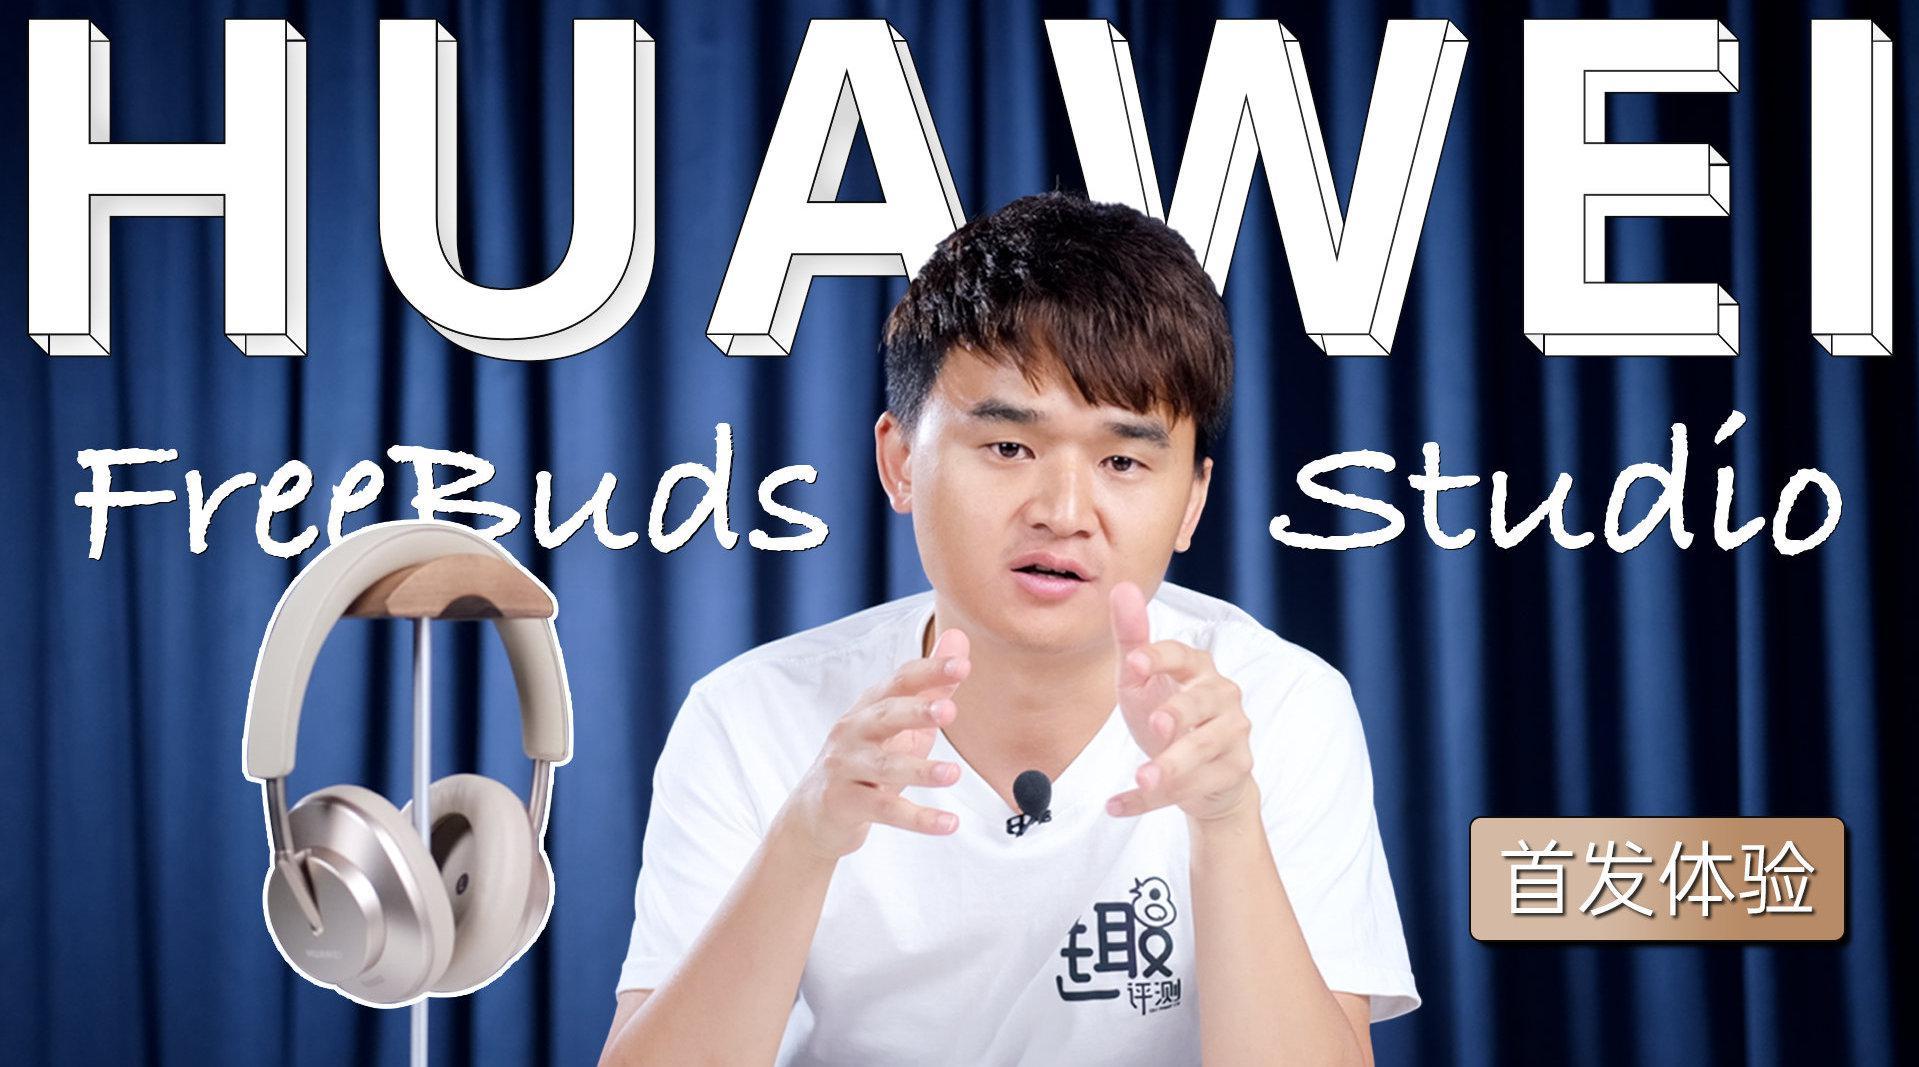 Studio是在华为在头戴耳机领域交出的第一份作业